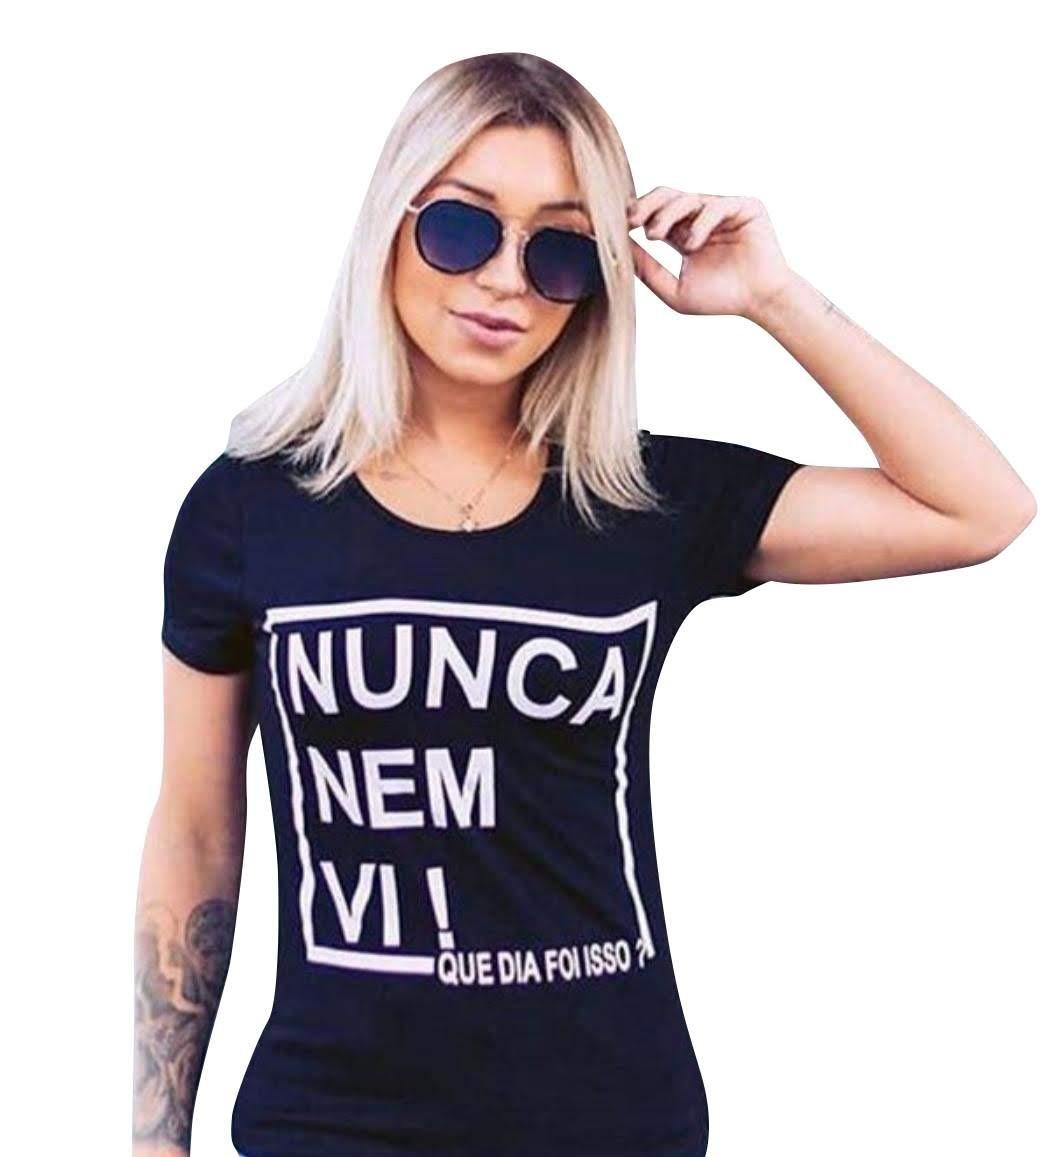 61fb5db833 Kit 30 T-shirt Blusa Roupa Feminina Atacado Frete Grátis - R  230